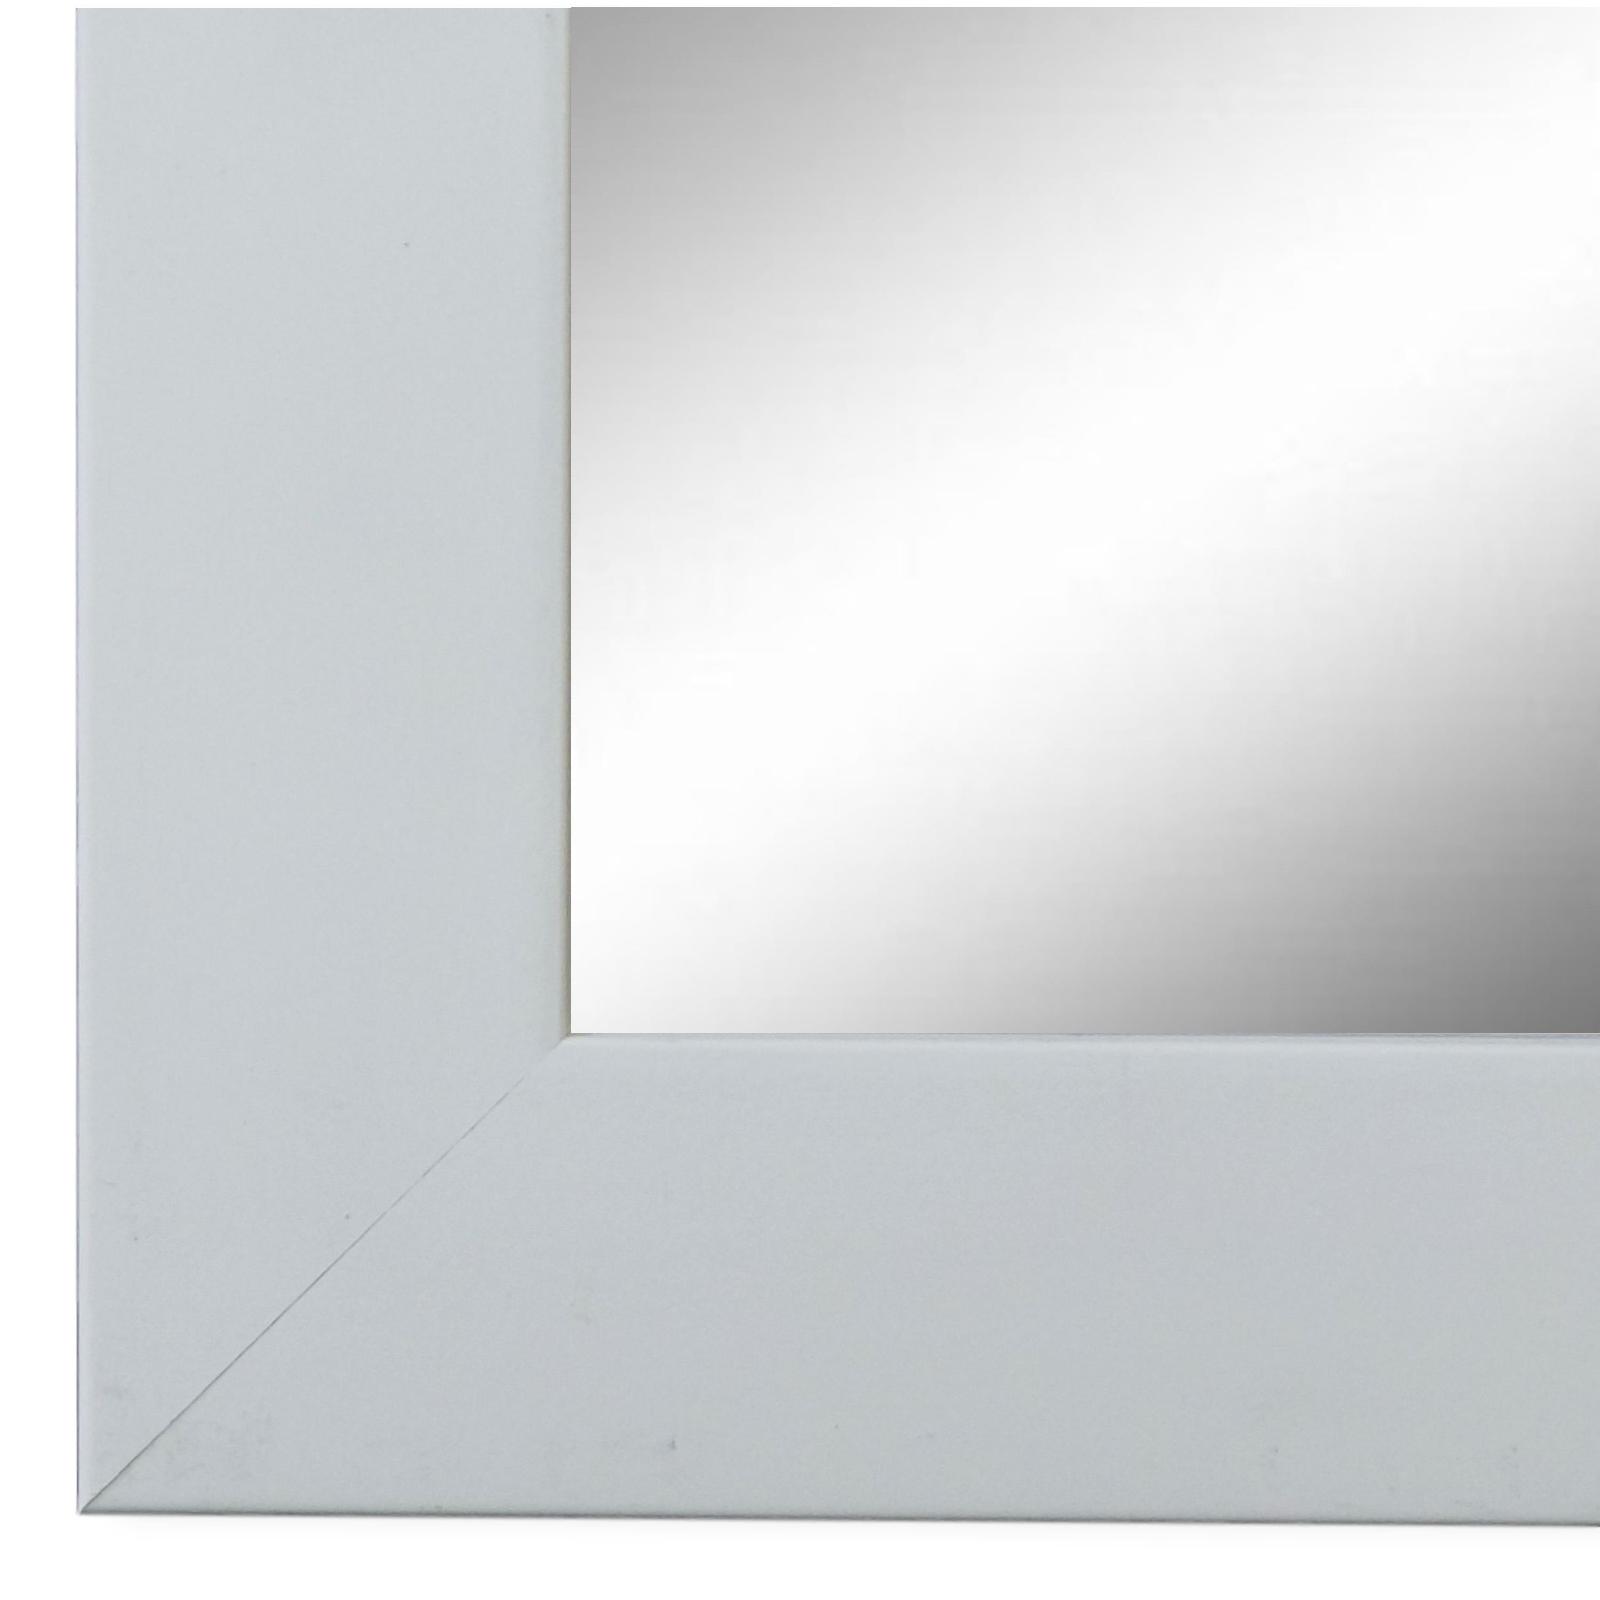 Spiegel Wandspiegel Flur Bad Weiss Modern Holz Florenz 4,0 - NEU